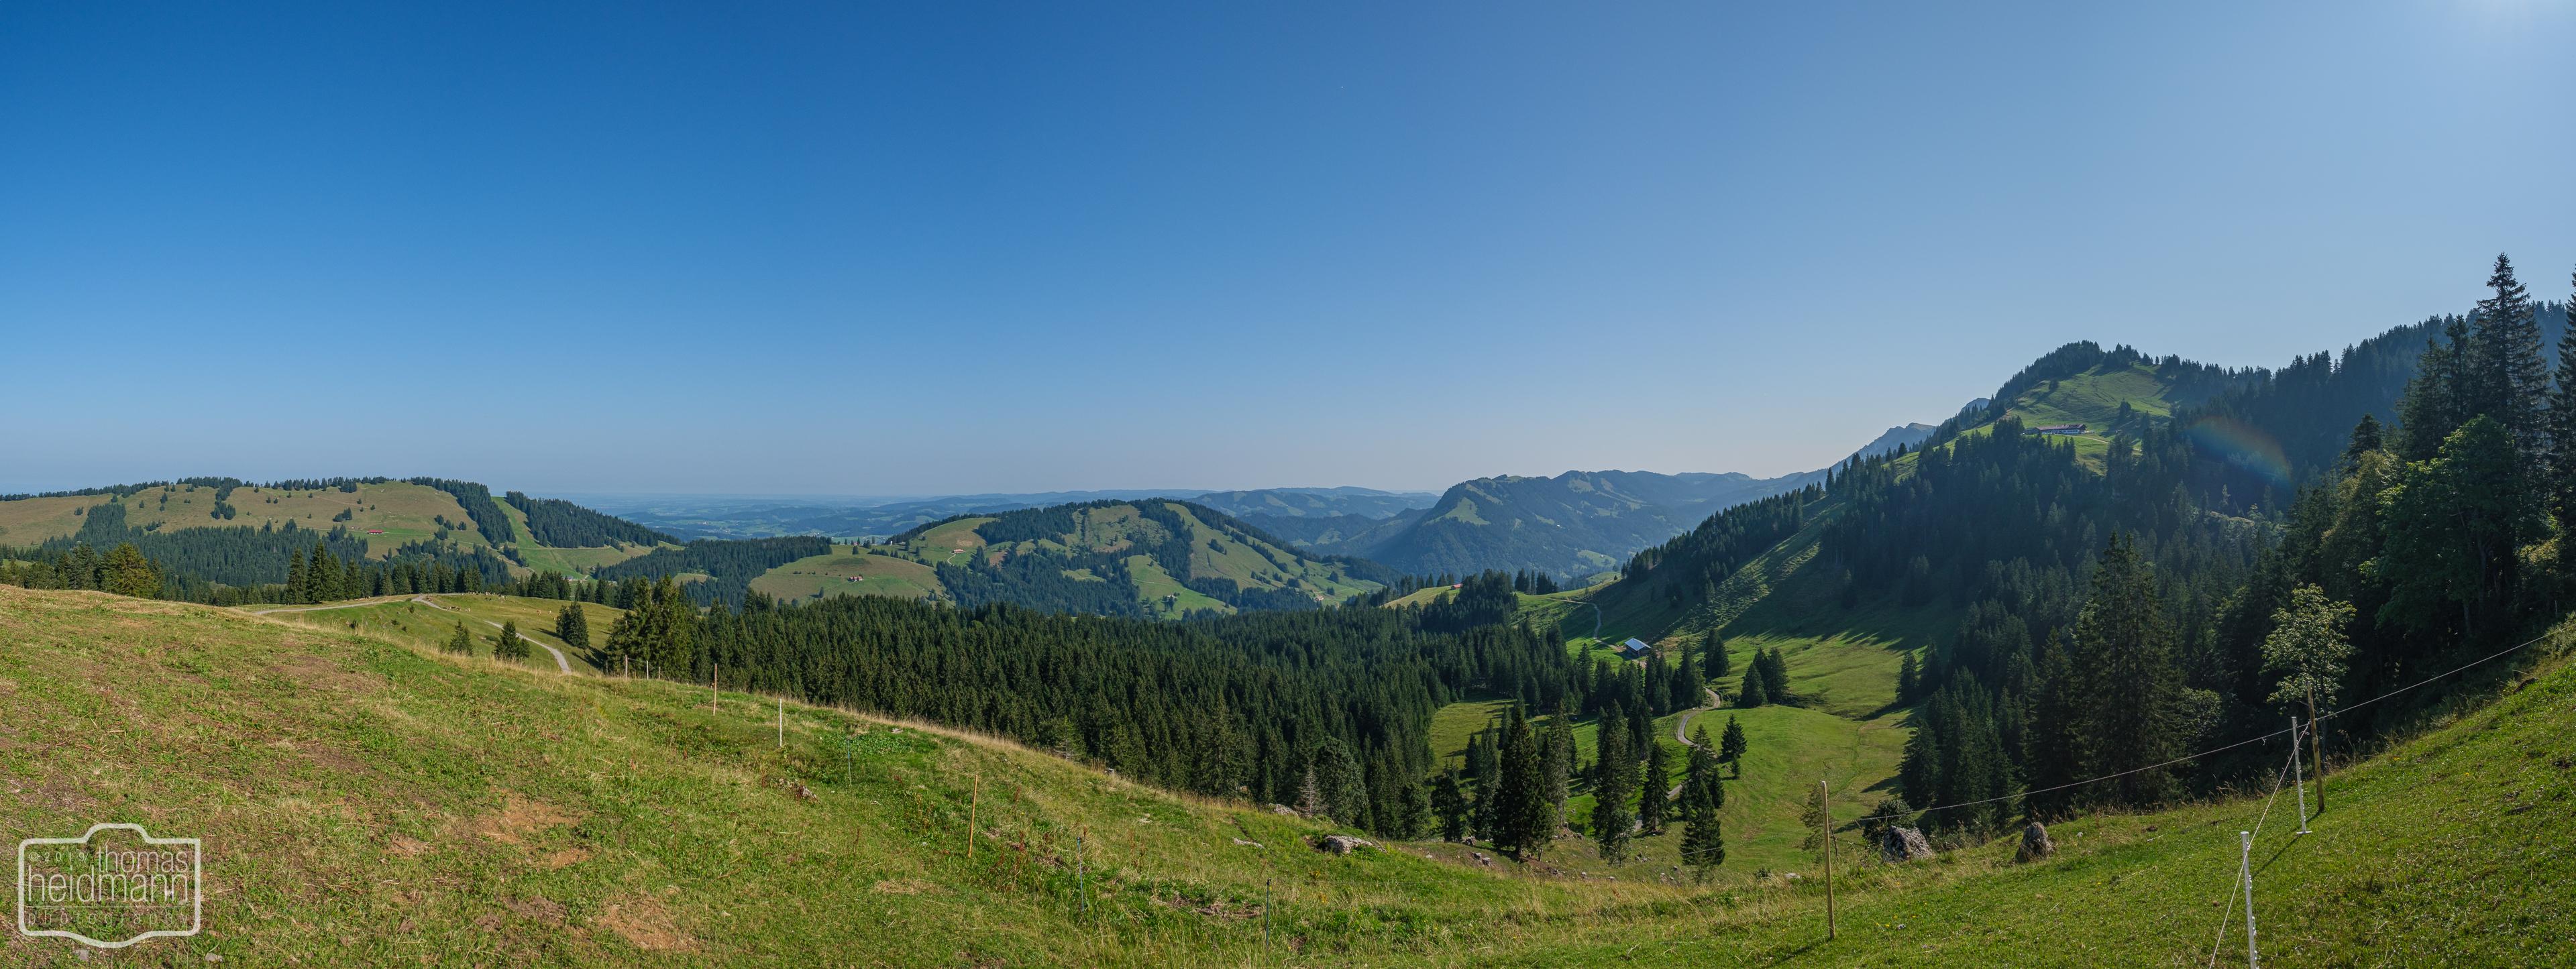 Wanderung auf dem Grat der Nagelfluhkette - Panoramablick